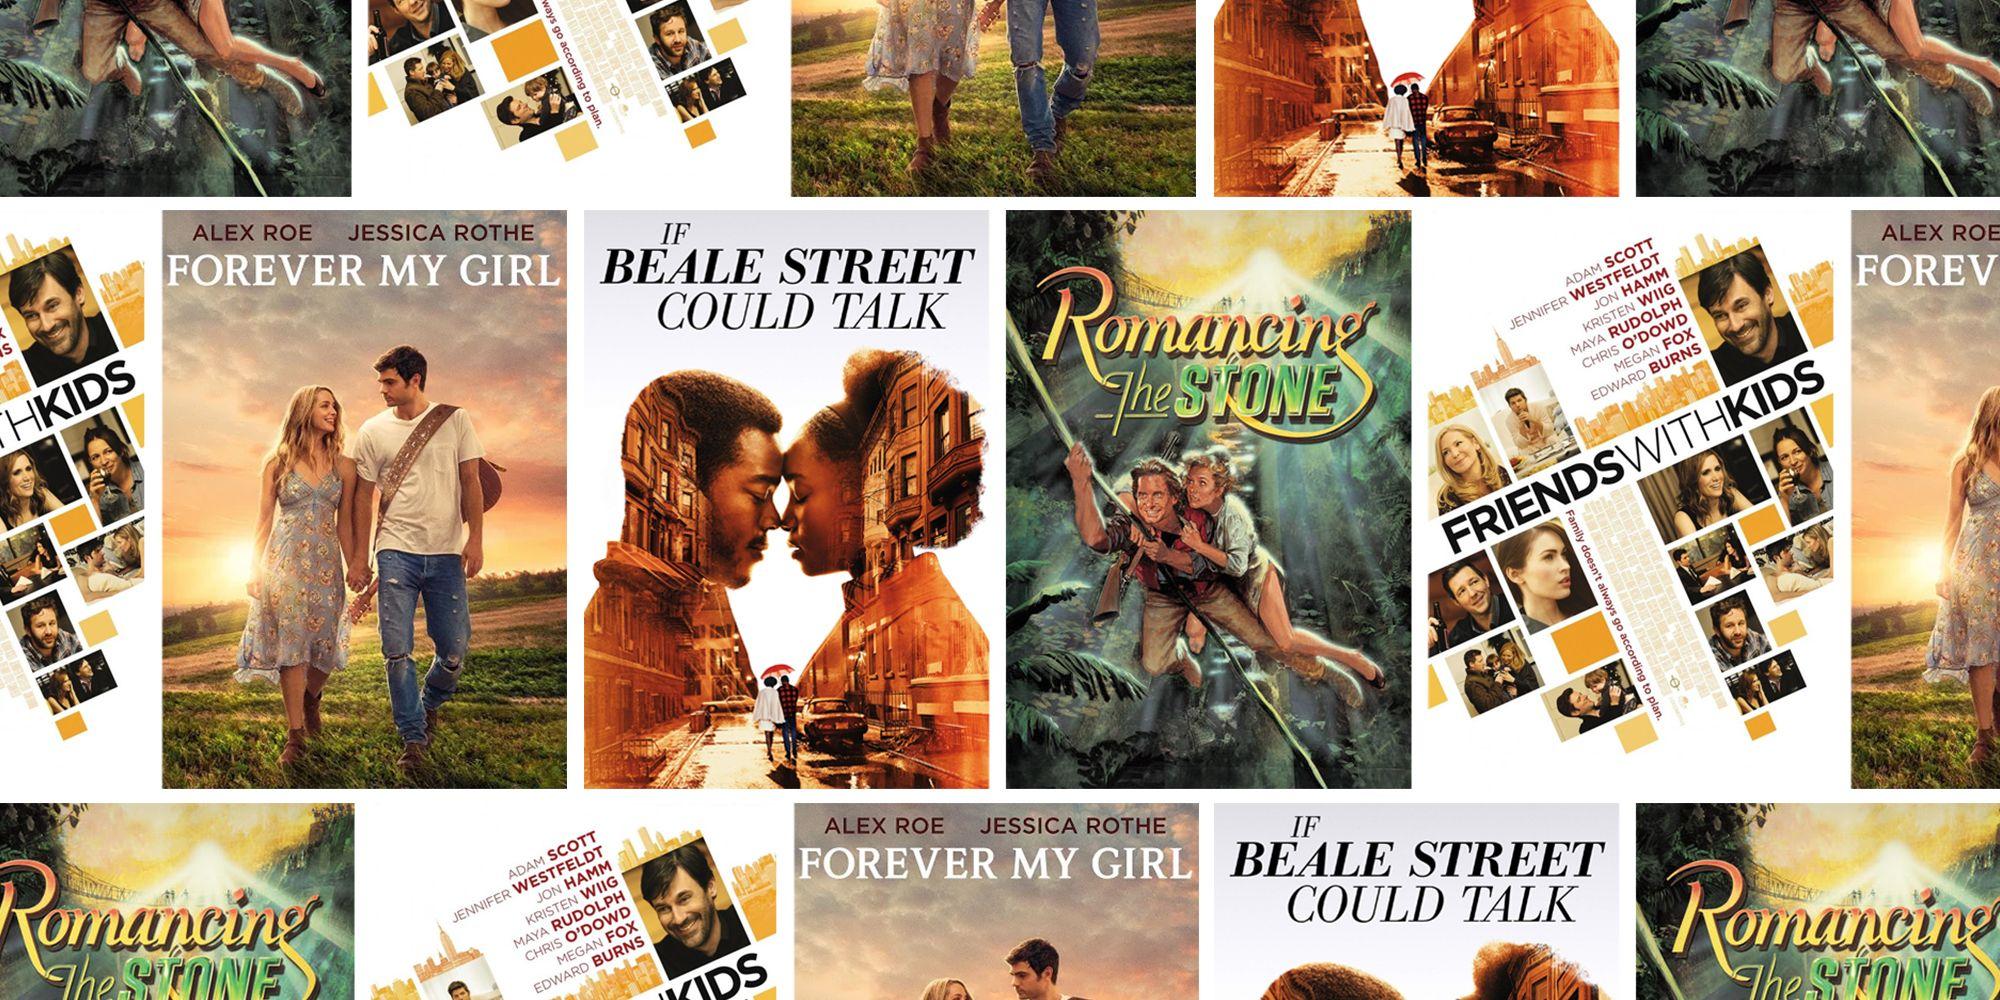 11 Romance Movies To Stream On Hulu Best Romantic Movies On Hulu